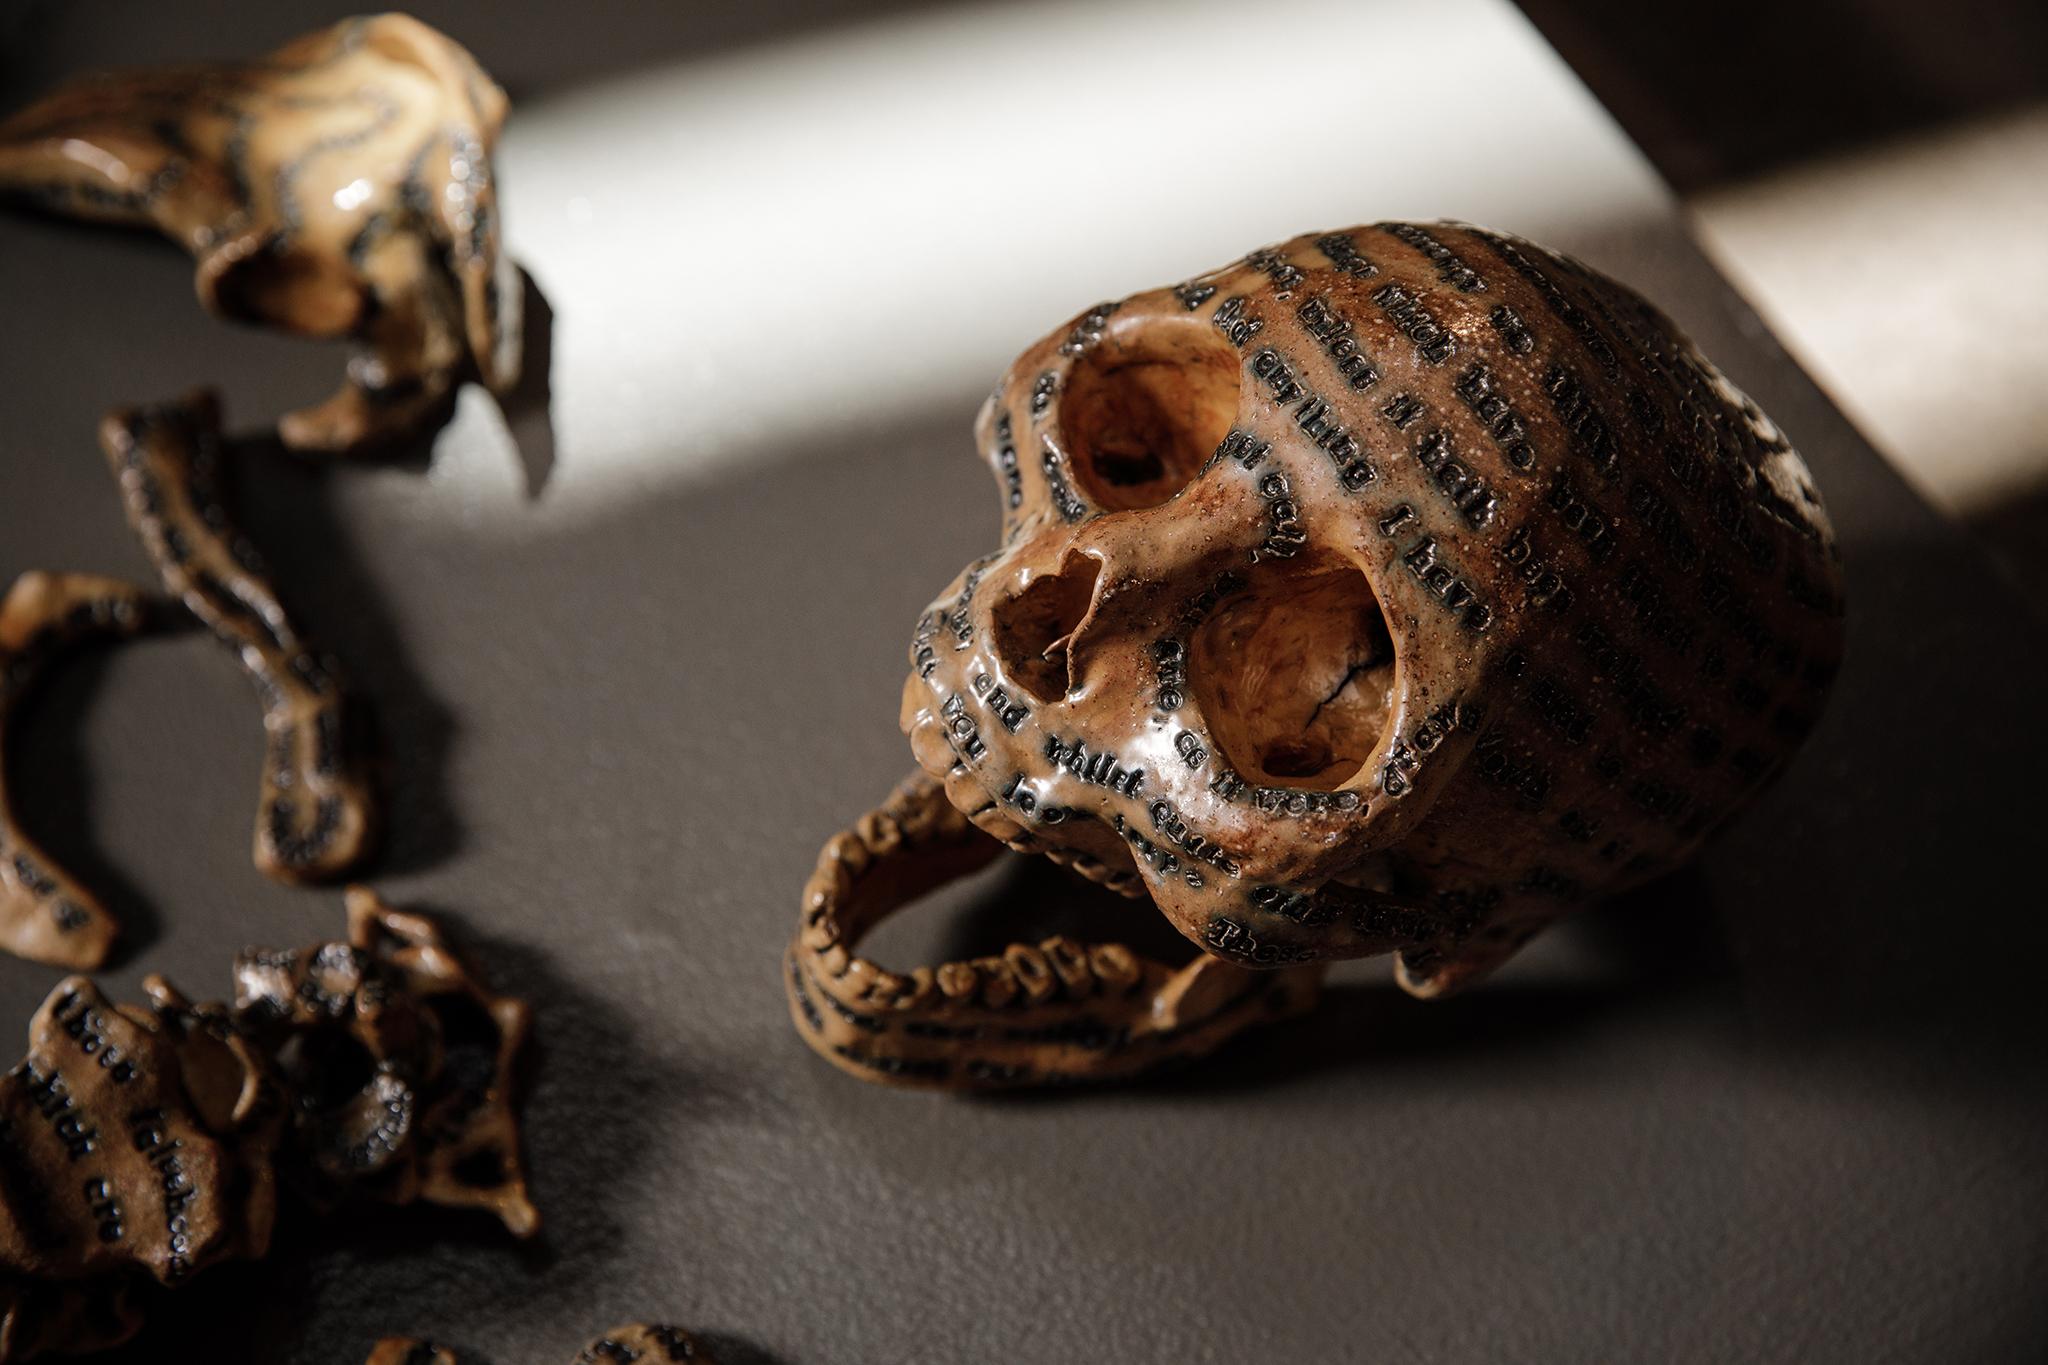 jkdc_moahkaneko-skull.jpg